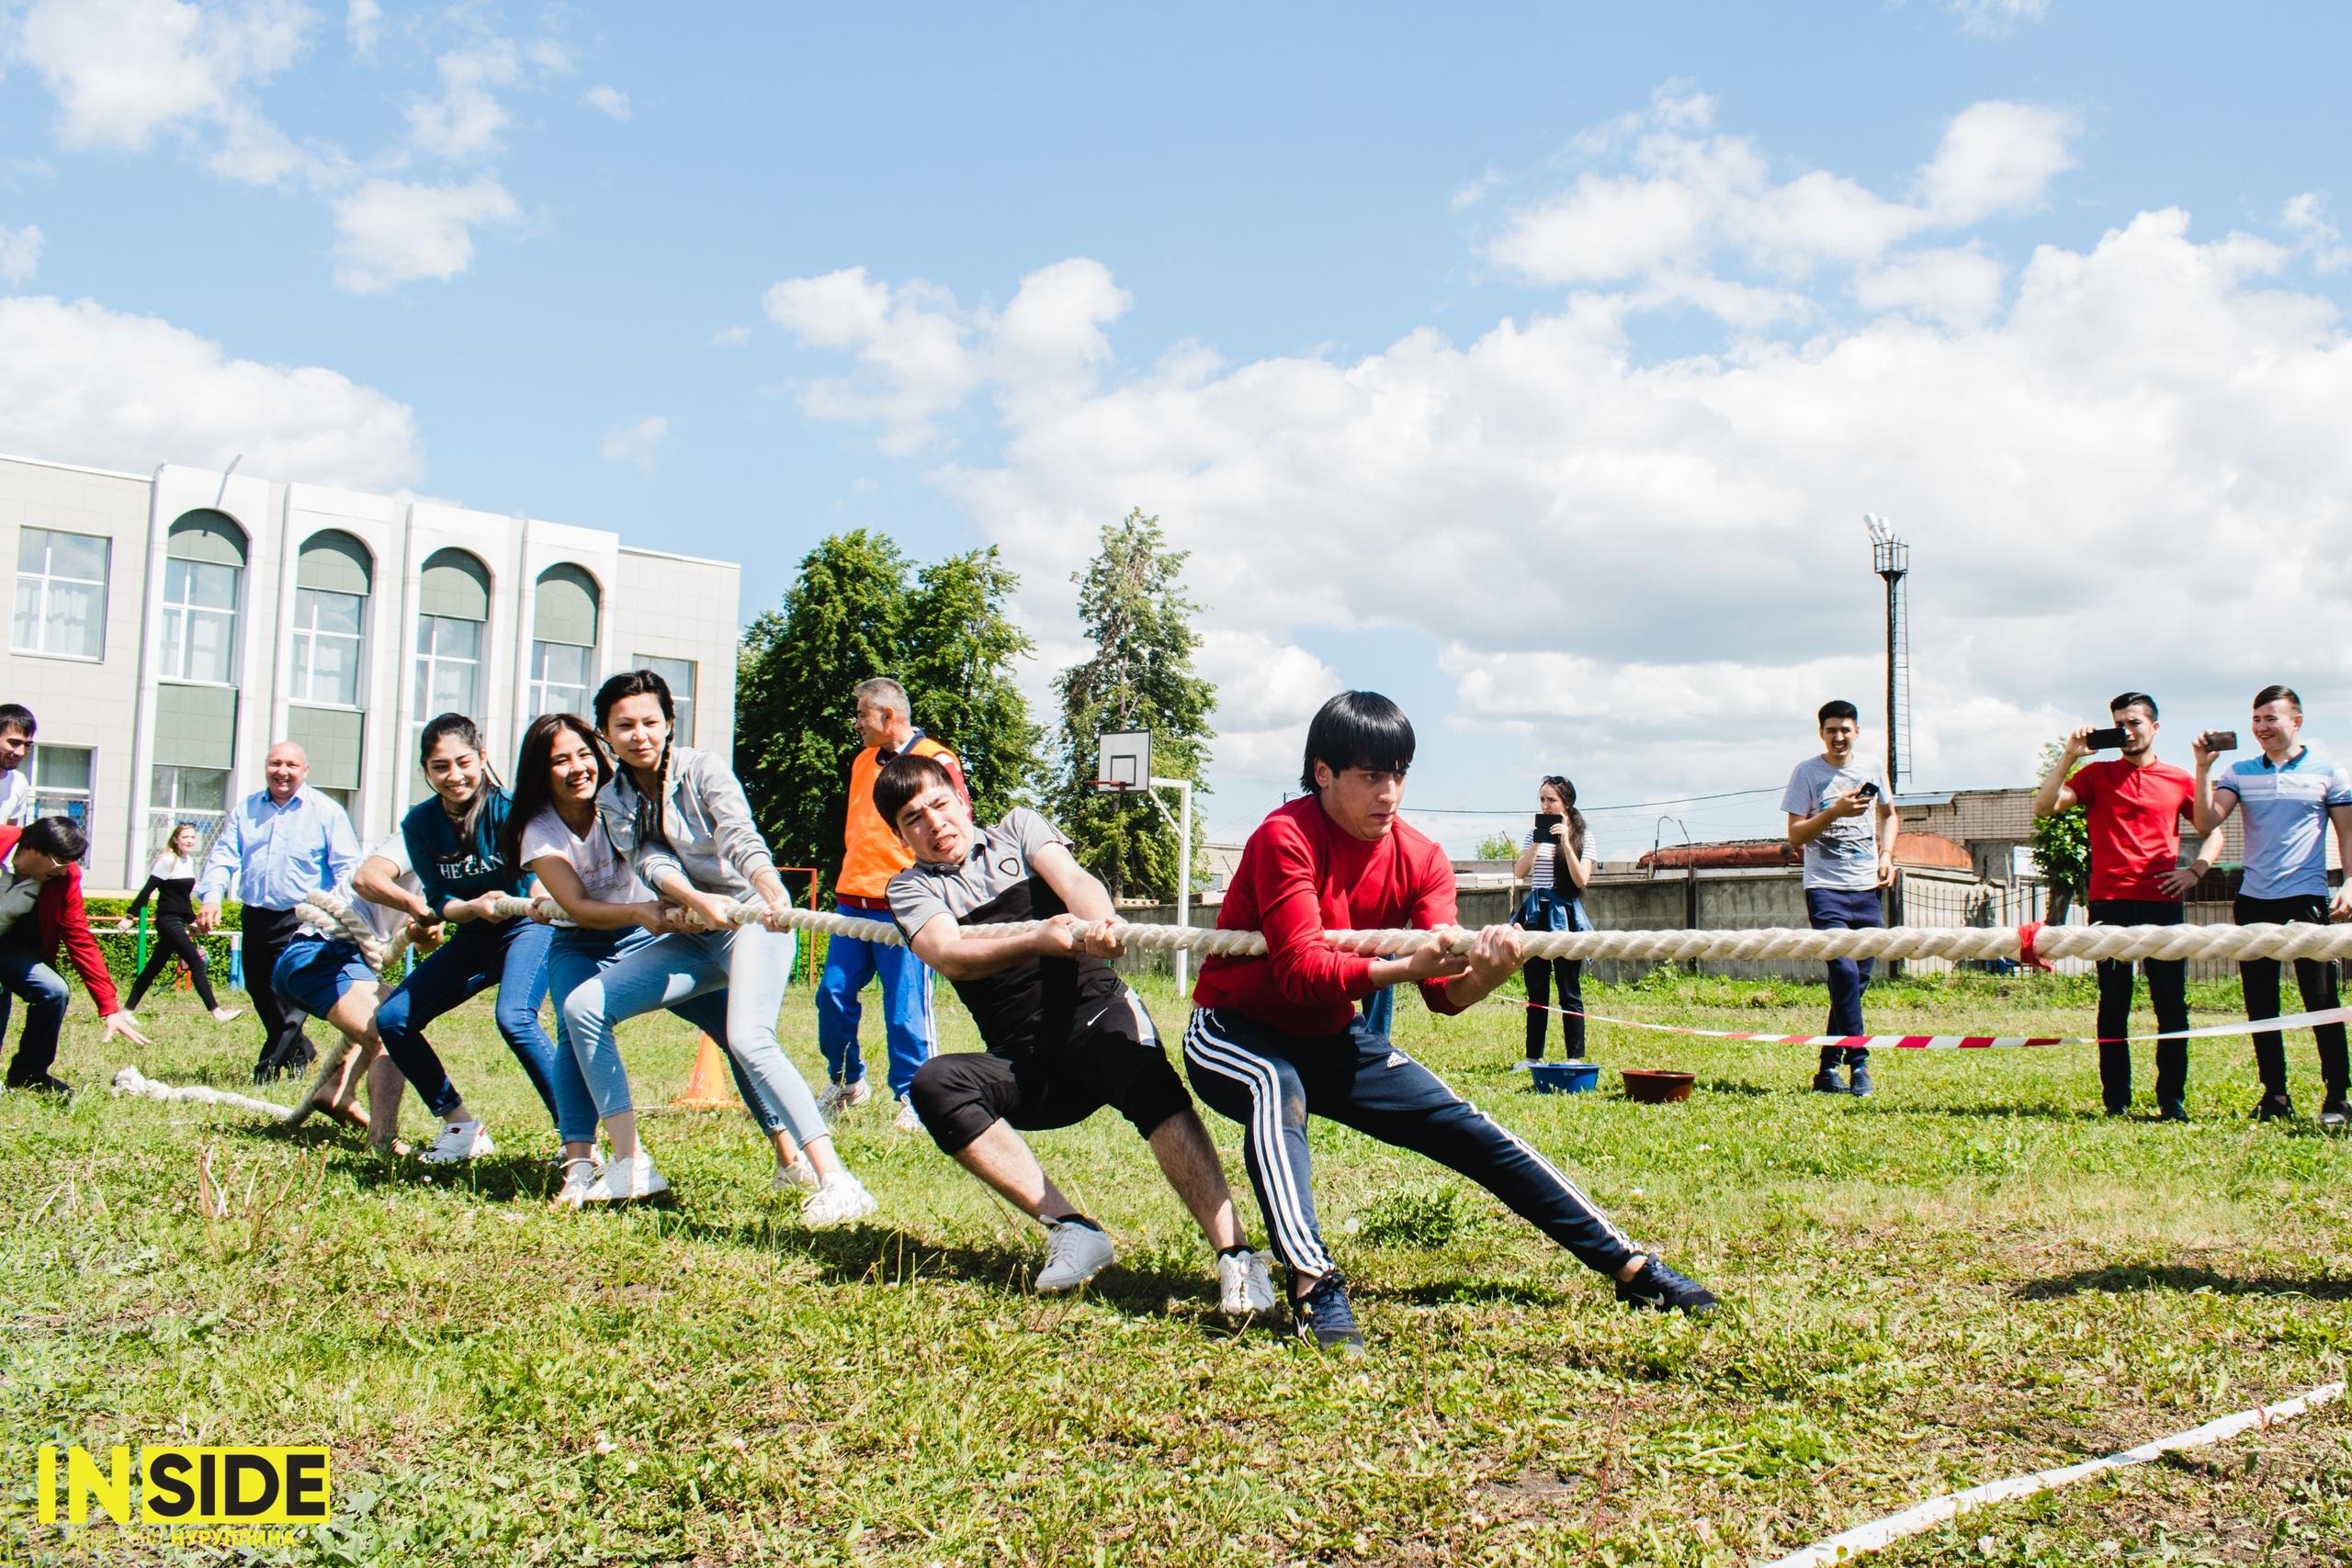 «Всем народам дарит радость славный праздник Сабантуй»: в НГПУ провели студенческий Сабантуй